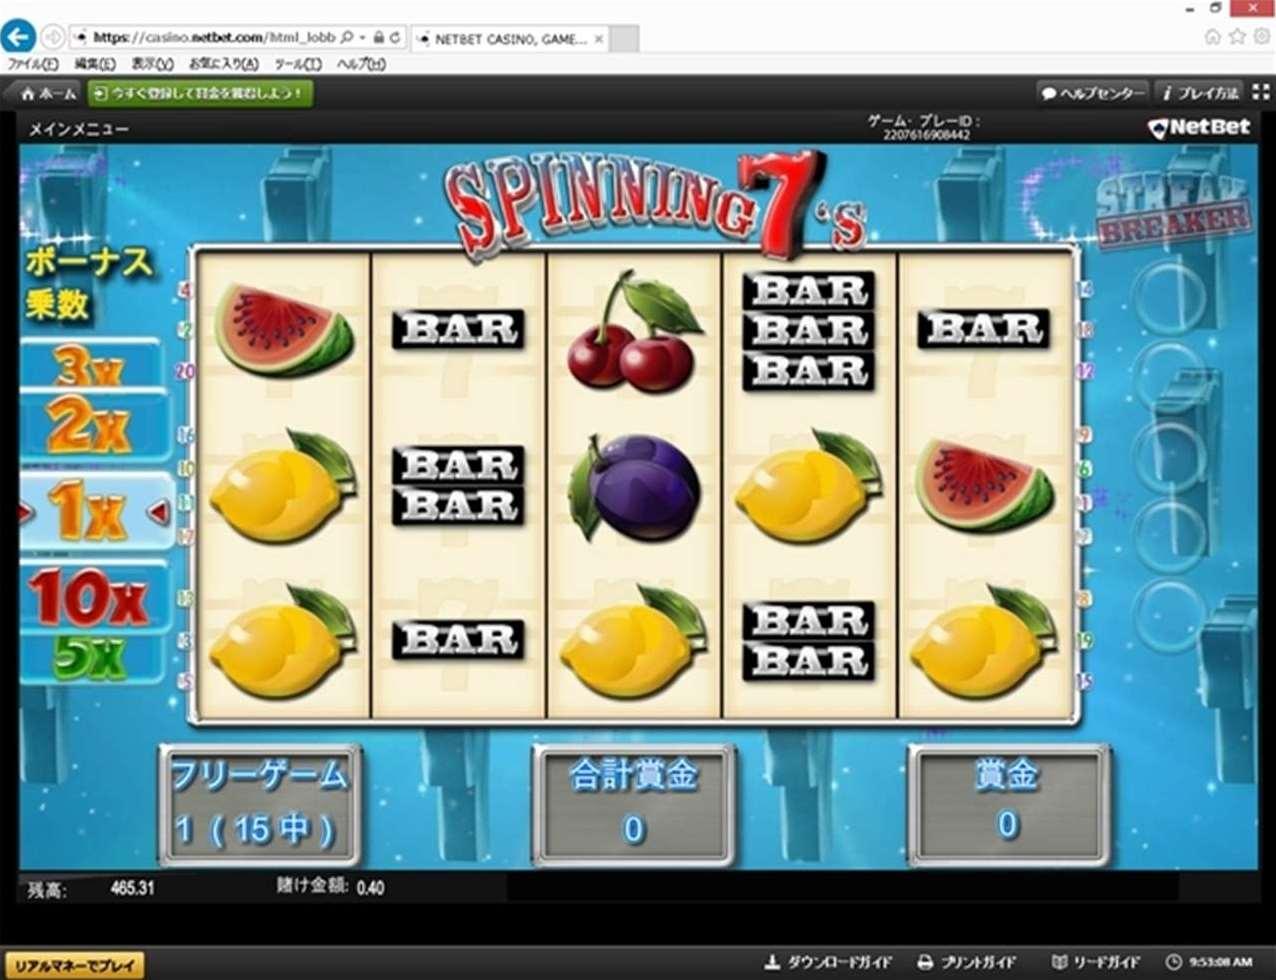 Spining 7